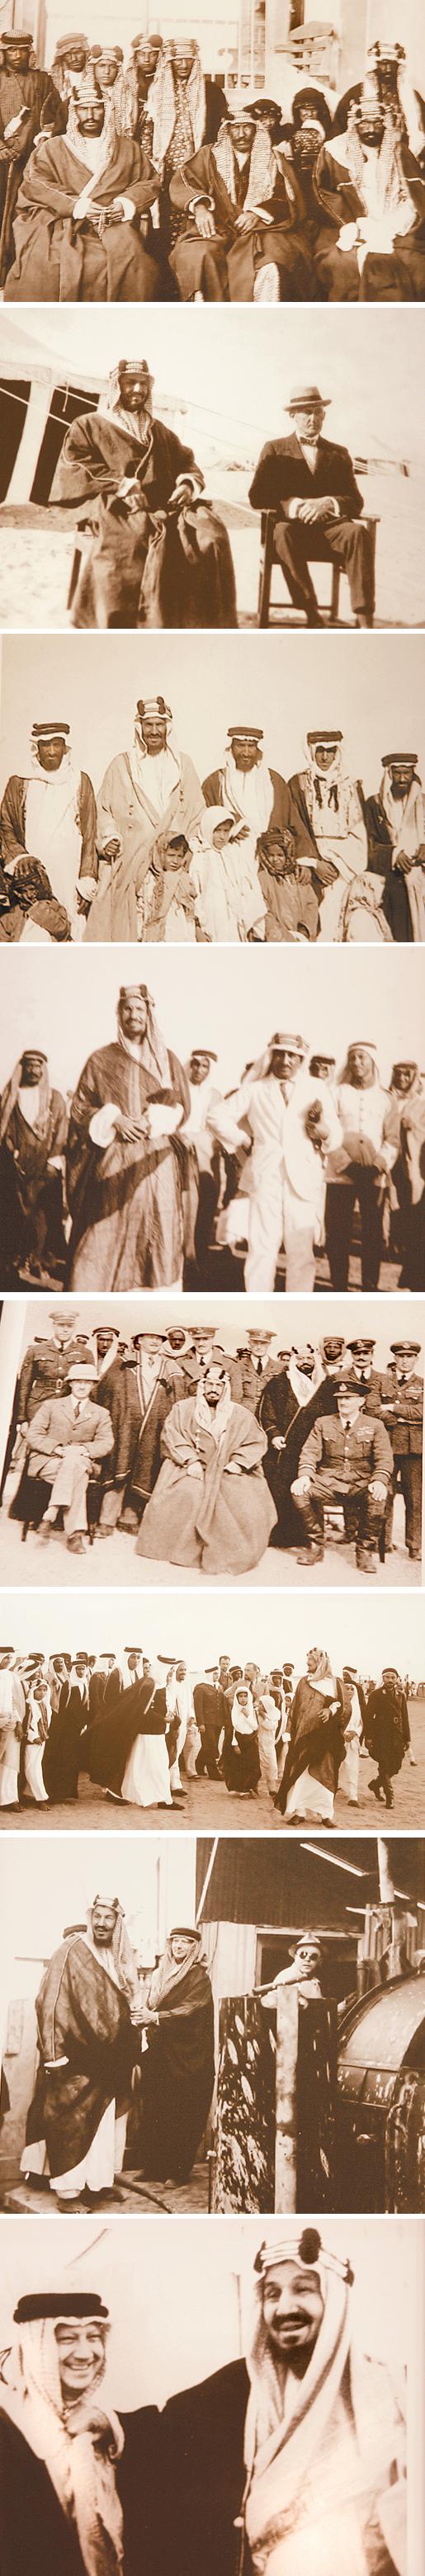 مجموعة للملك عبدالعزيز (رحمه الله